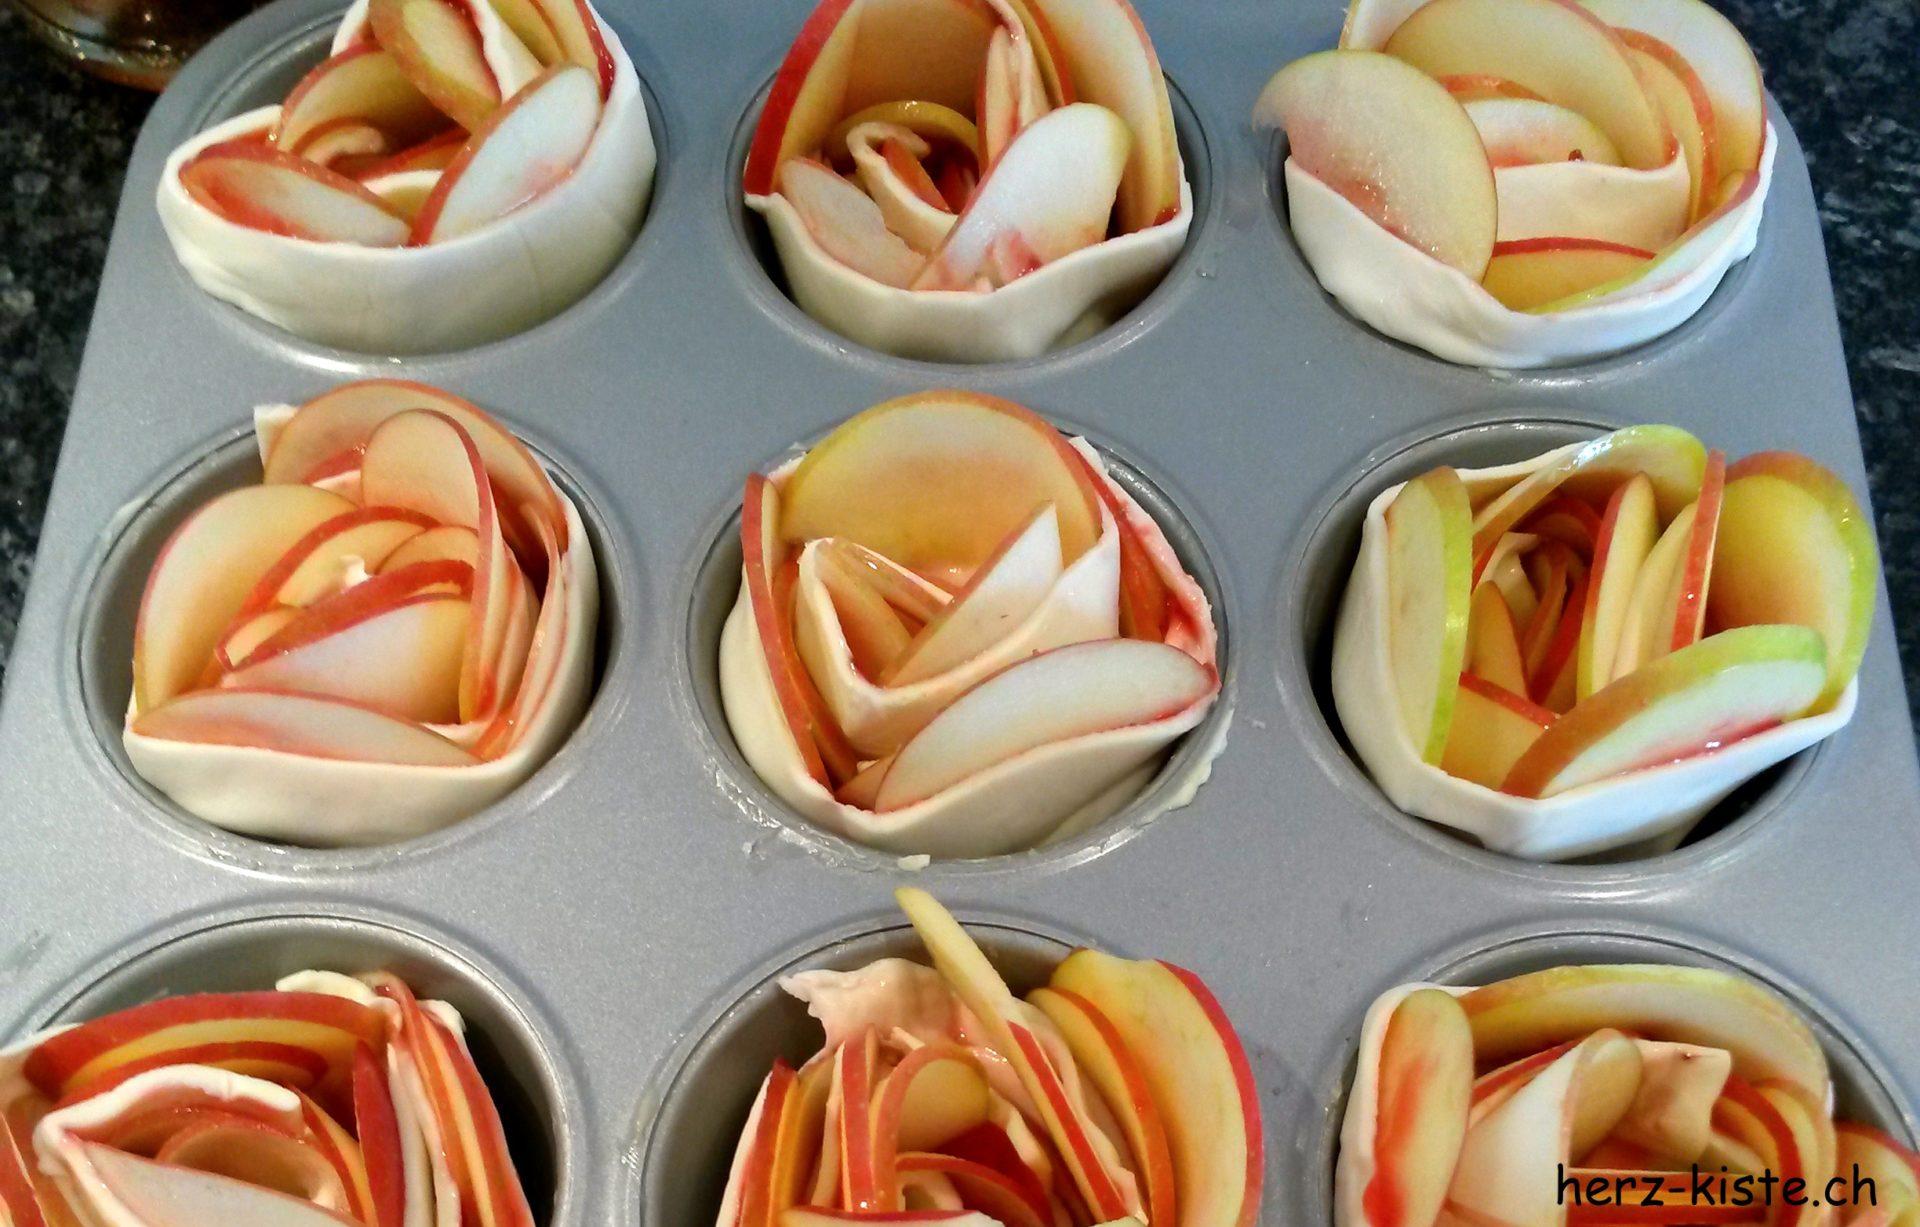 Apfelrosen ungebacken in einem Muffinblech